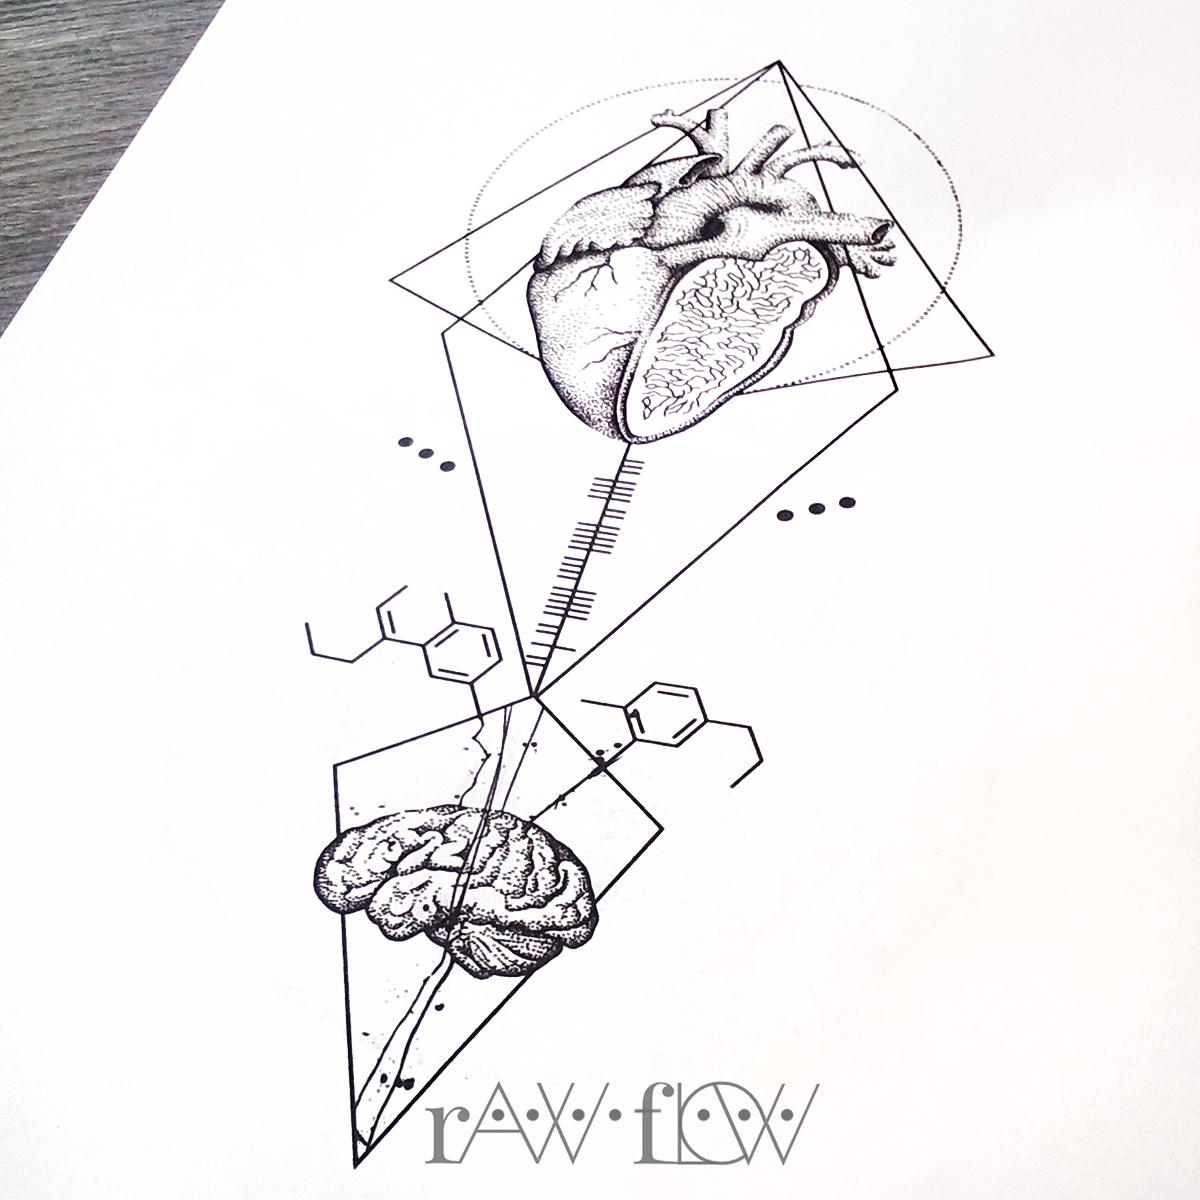 Heart Diagram Drawing At Getdrawings